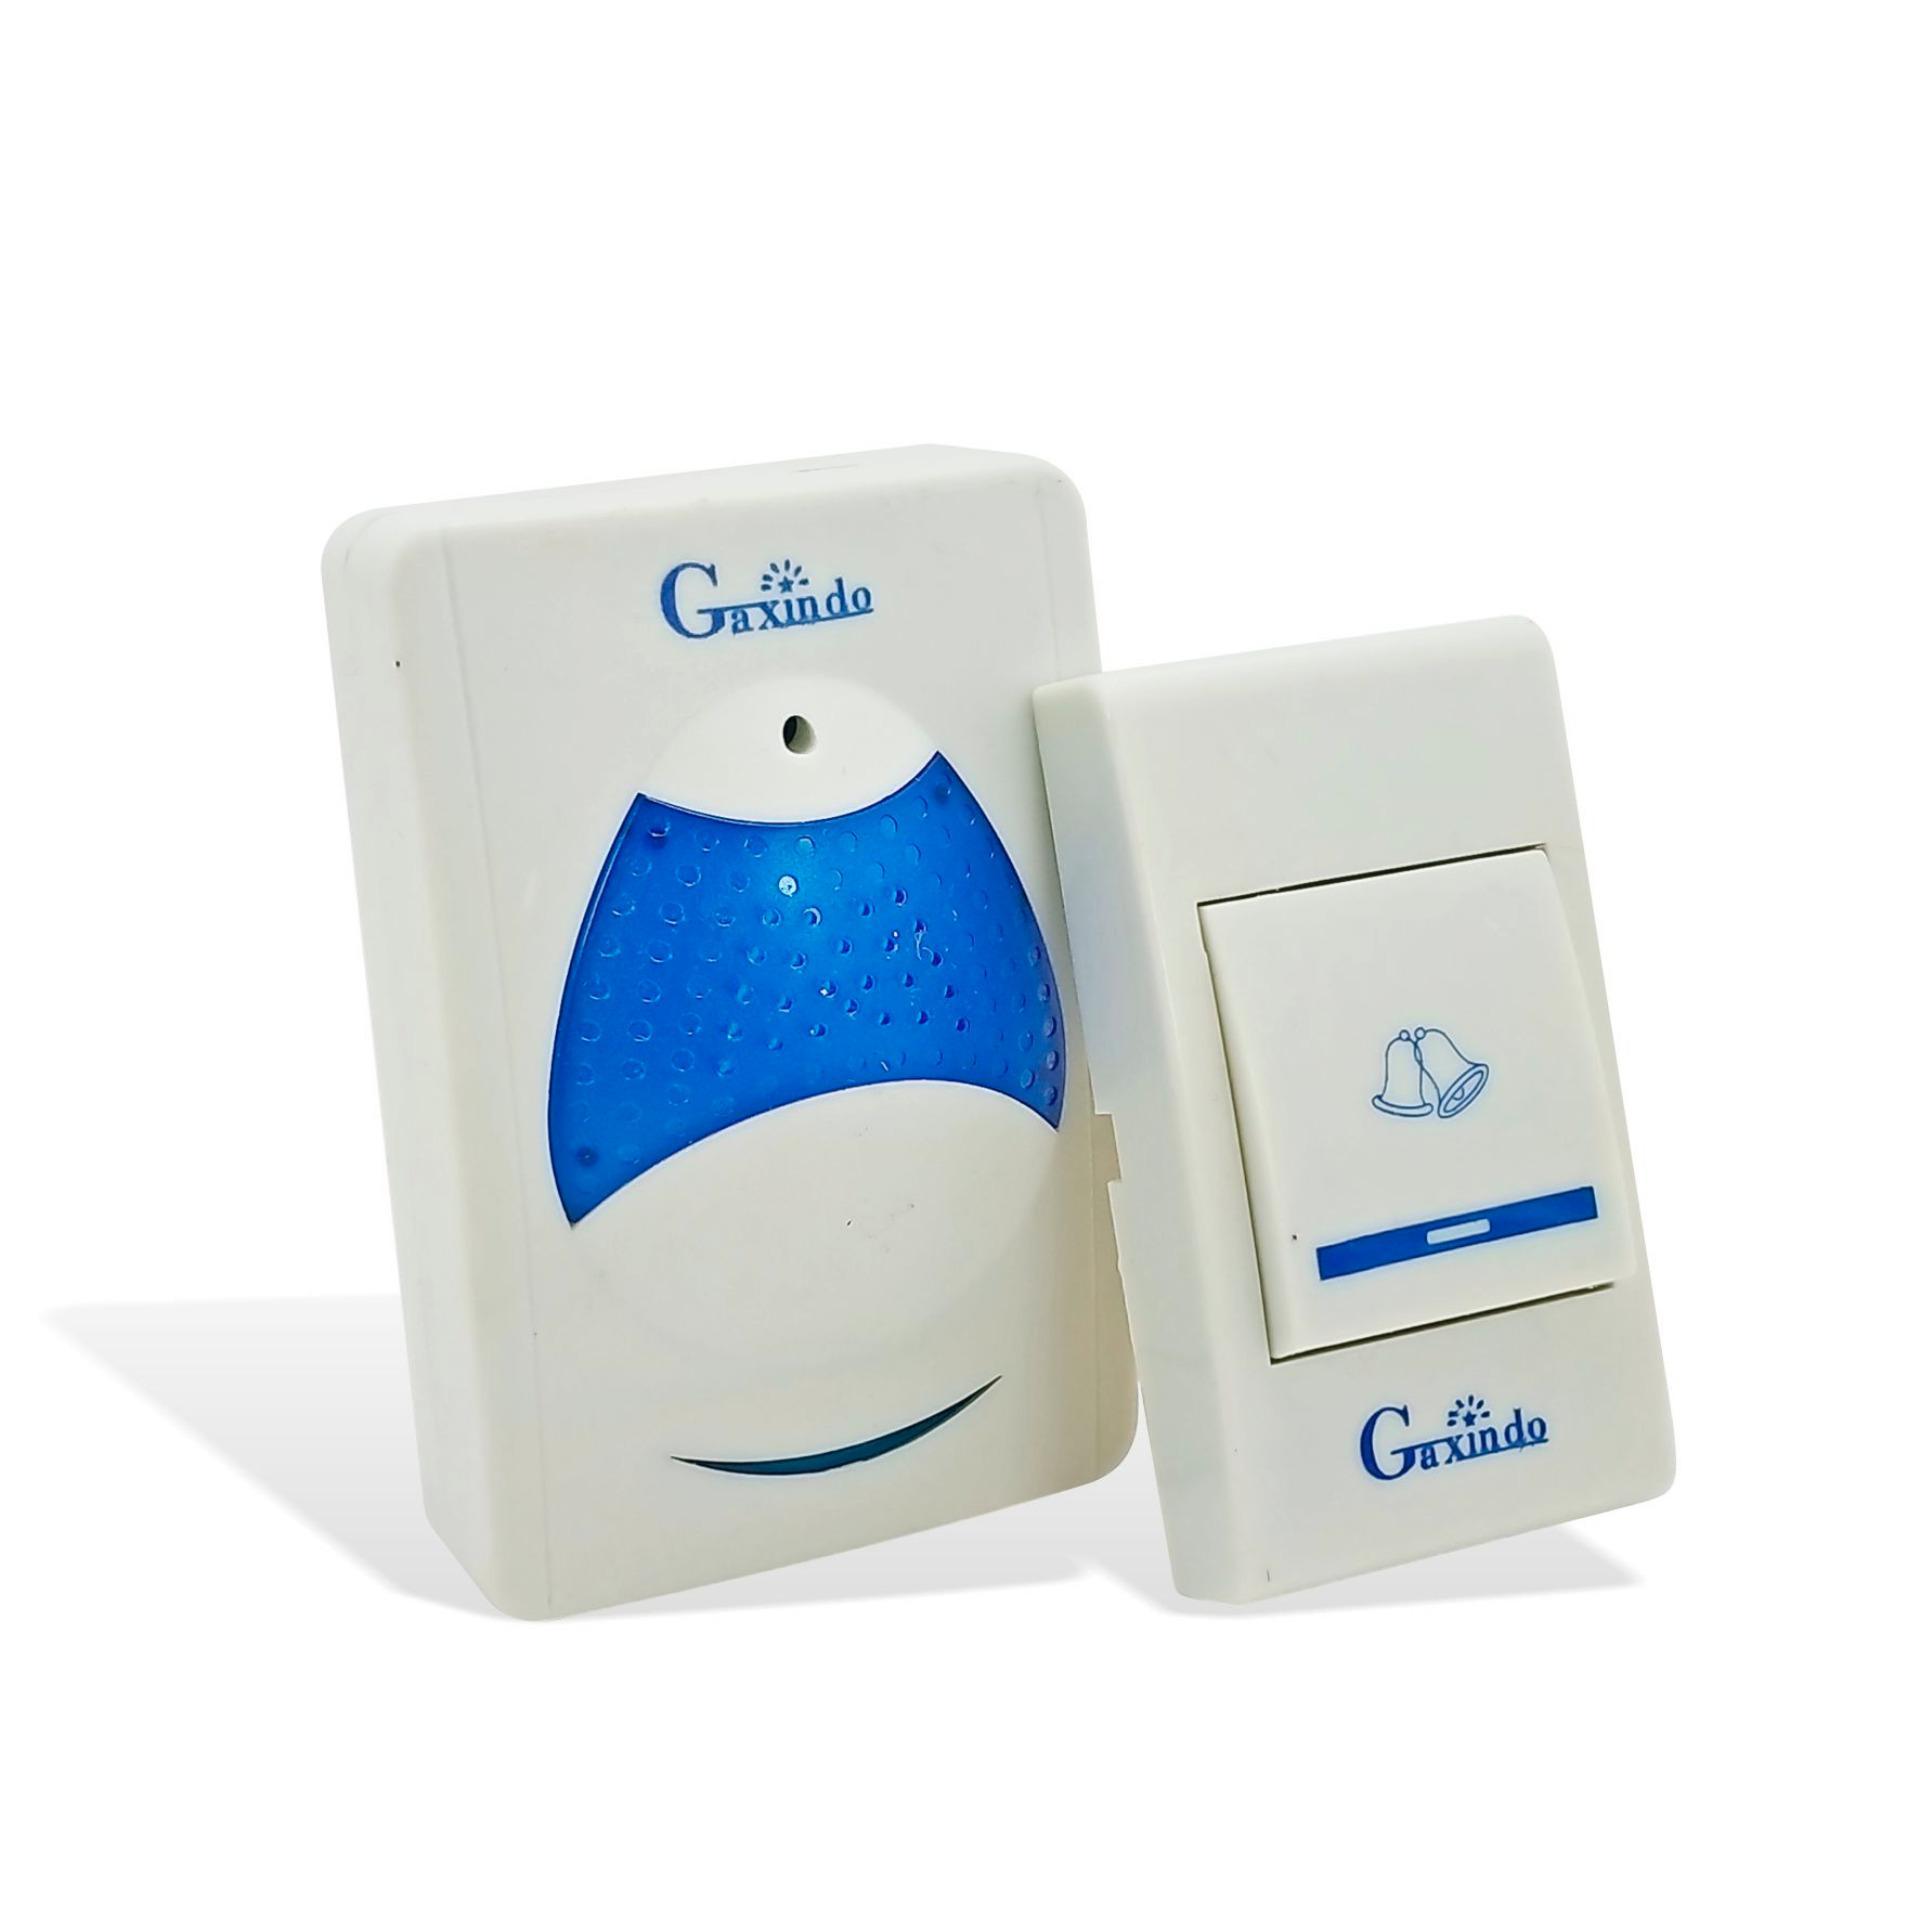 Gogo Bel Pintu Wireless V Zorr Putih Review Harga Terkini Dan Vzorr Wei Tech Doorbel Rumah Gx B6034a